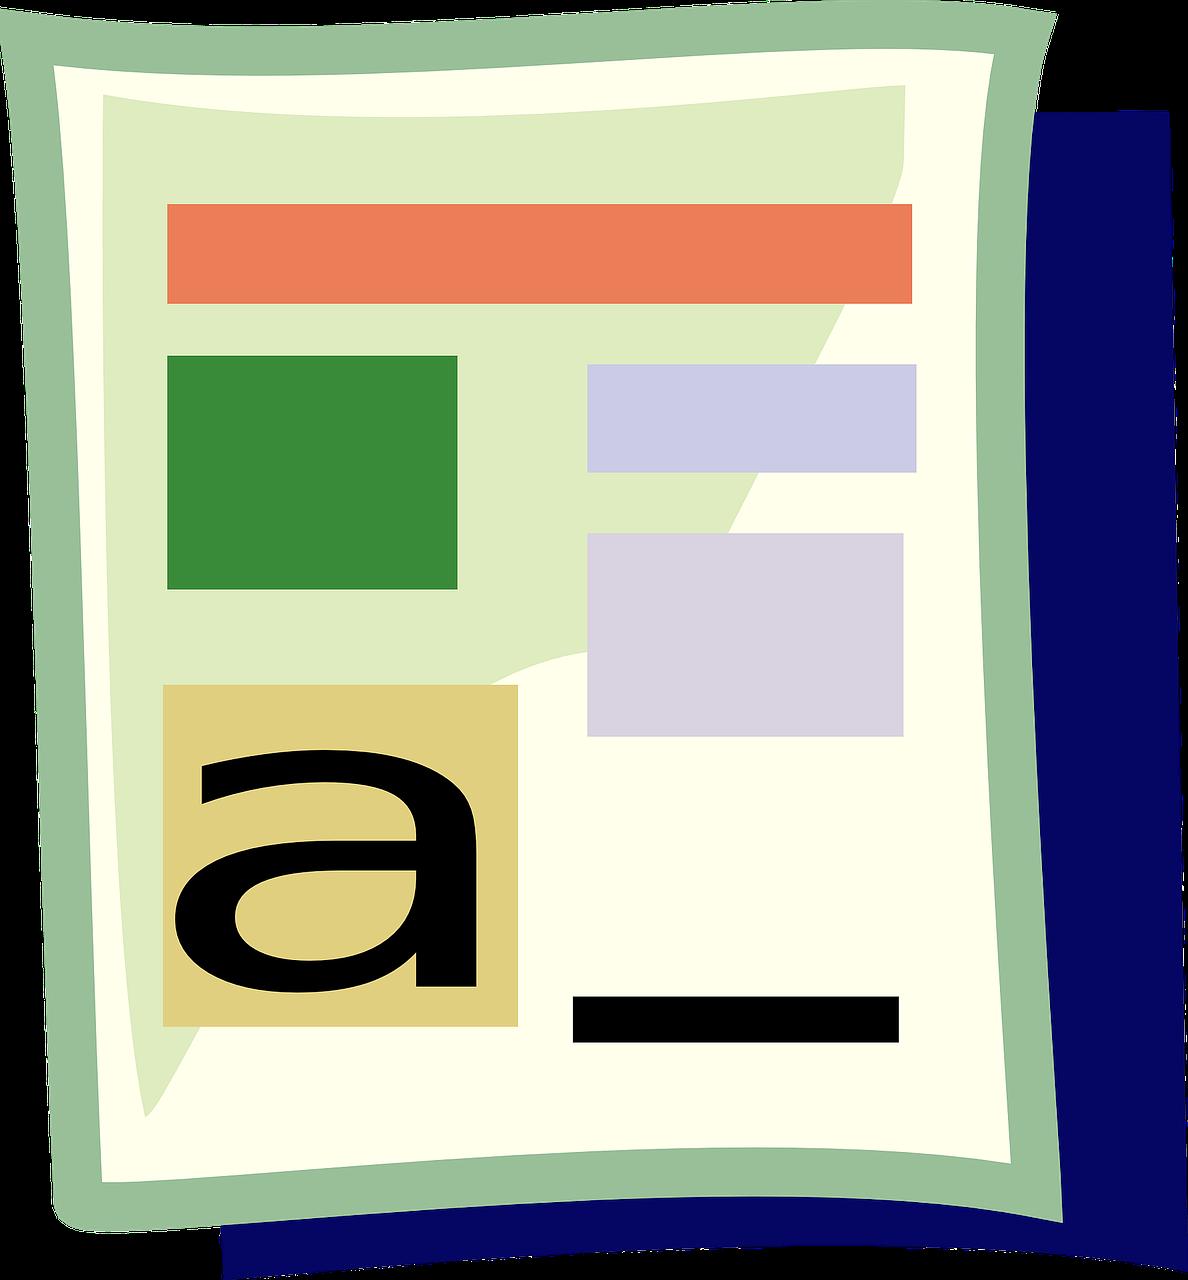 comment transmettre un document au afe